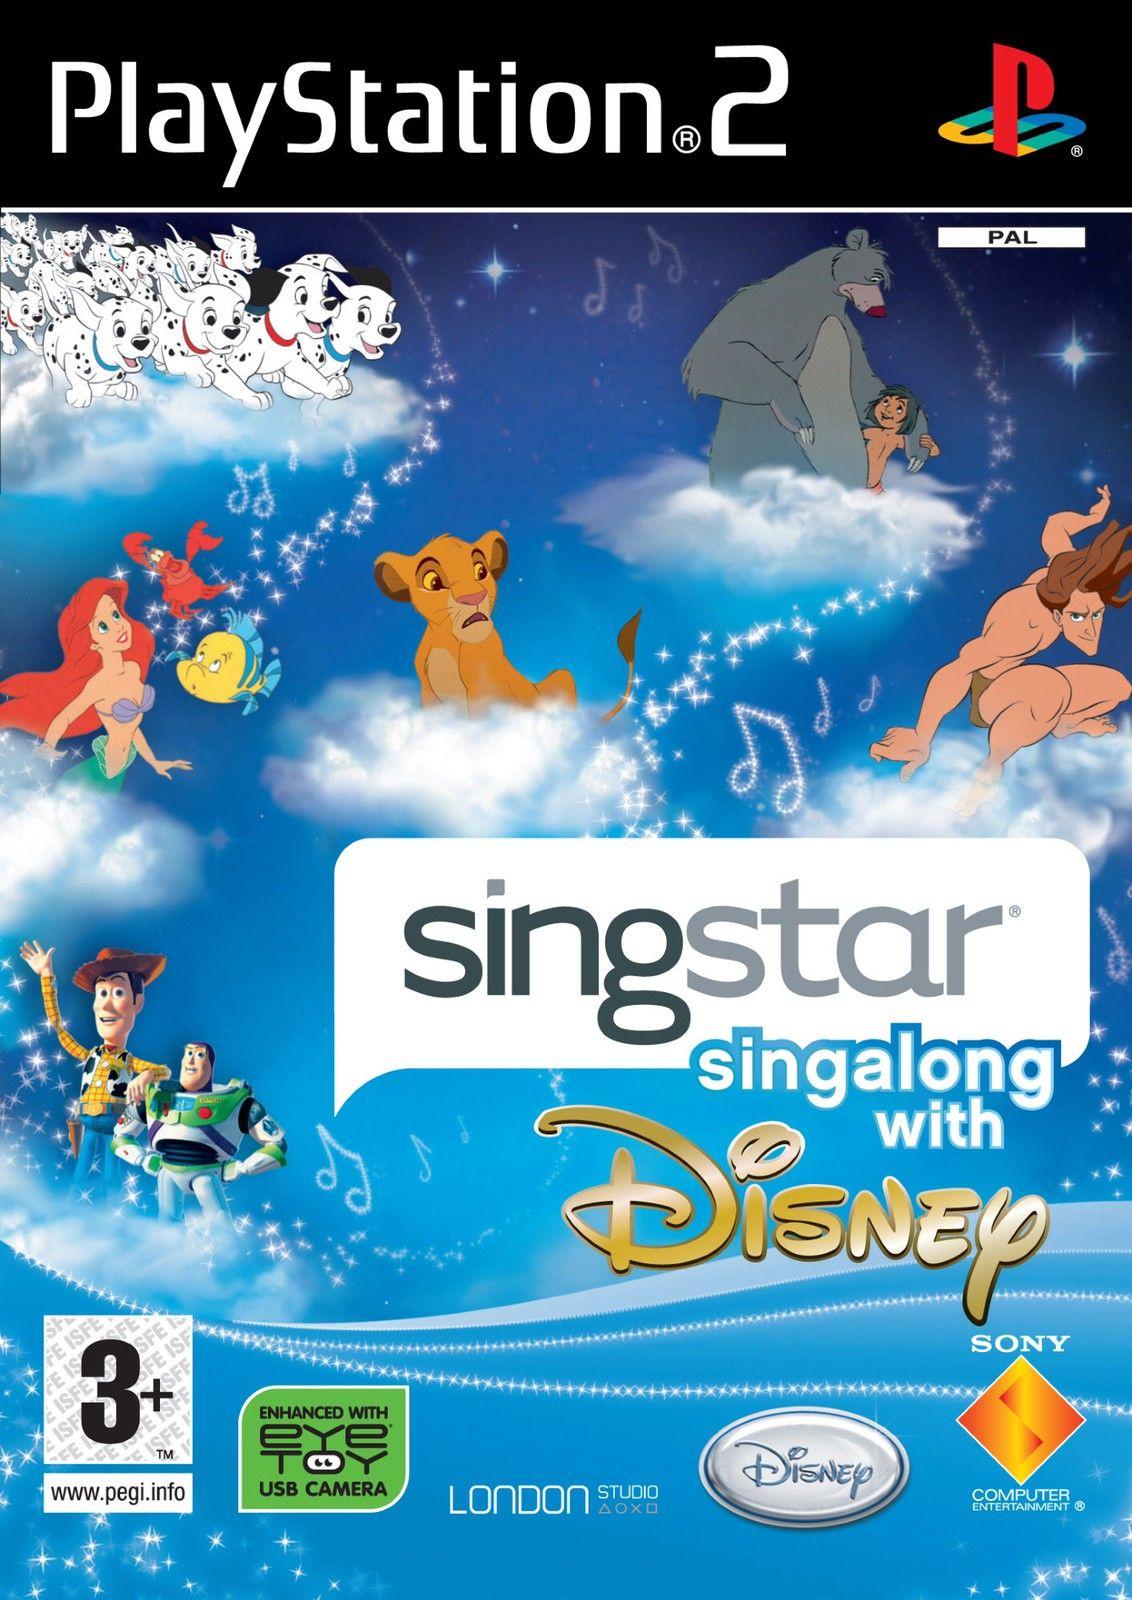 SingStar Ps2 | FINN.no